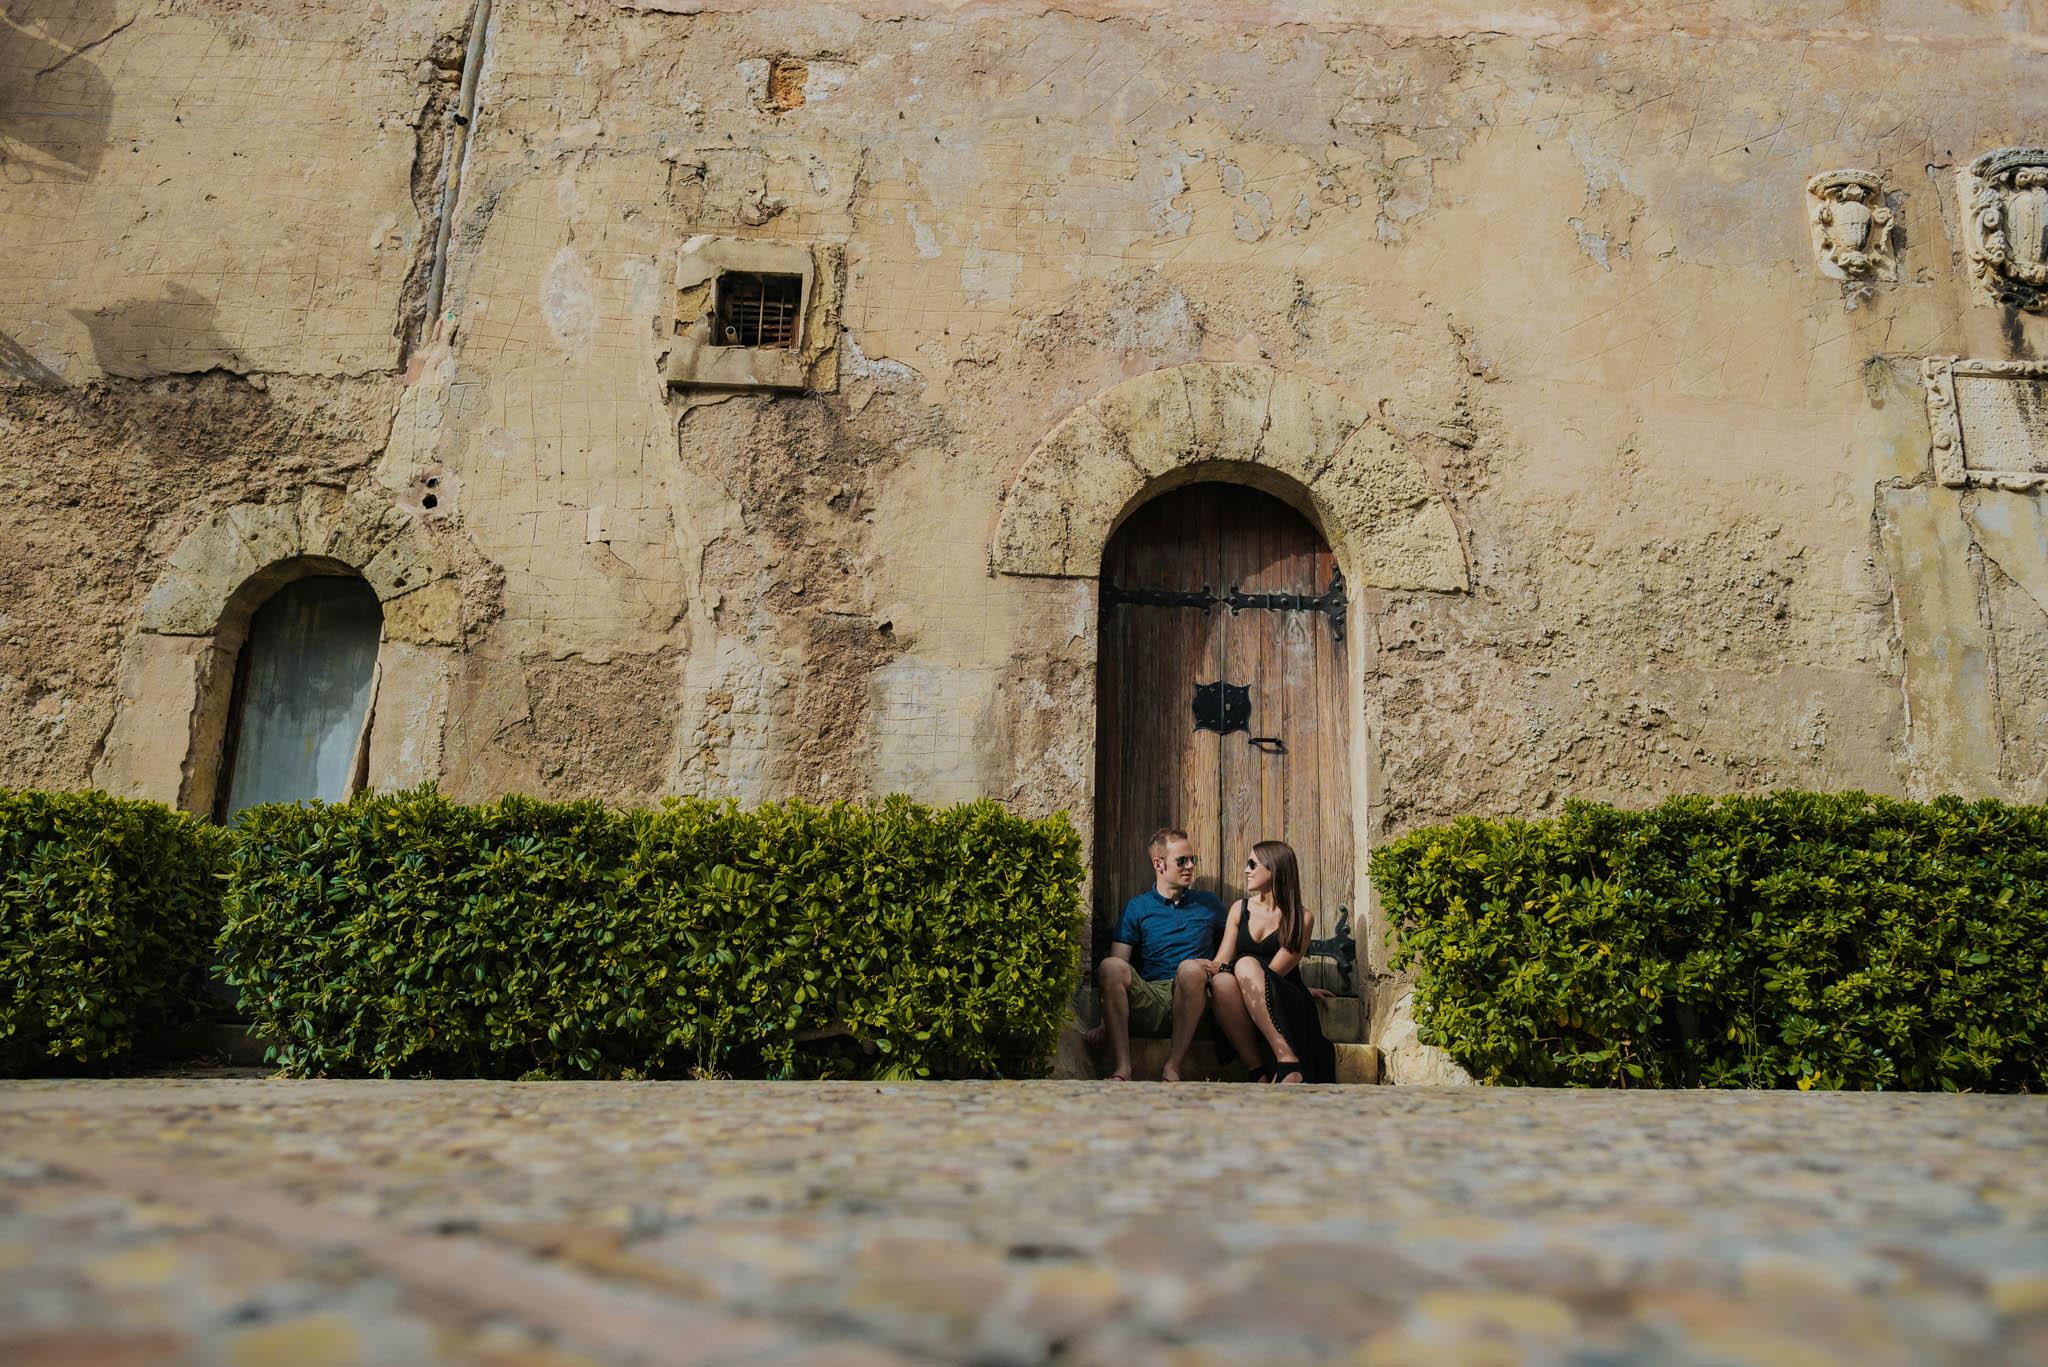 destination-wedding-photography-spain-palma-de-mallorca (38)